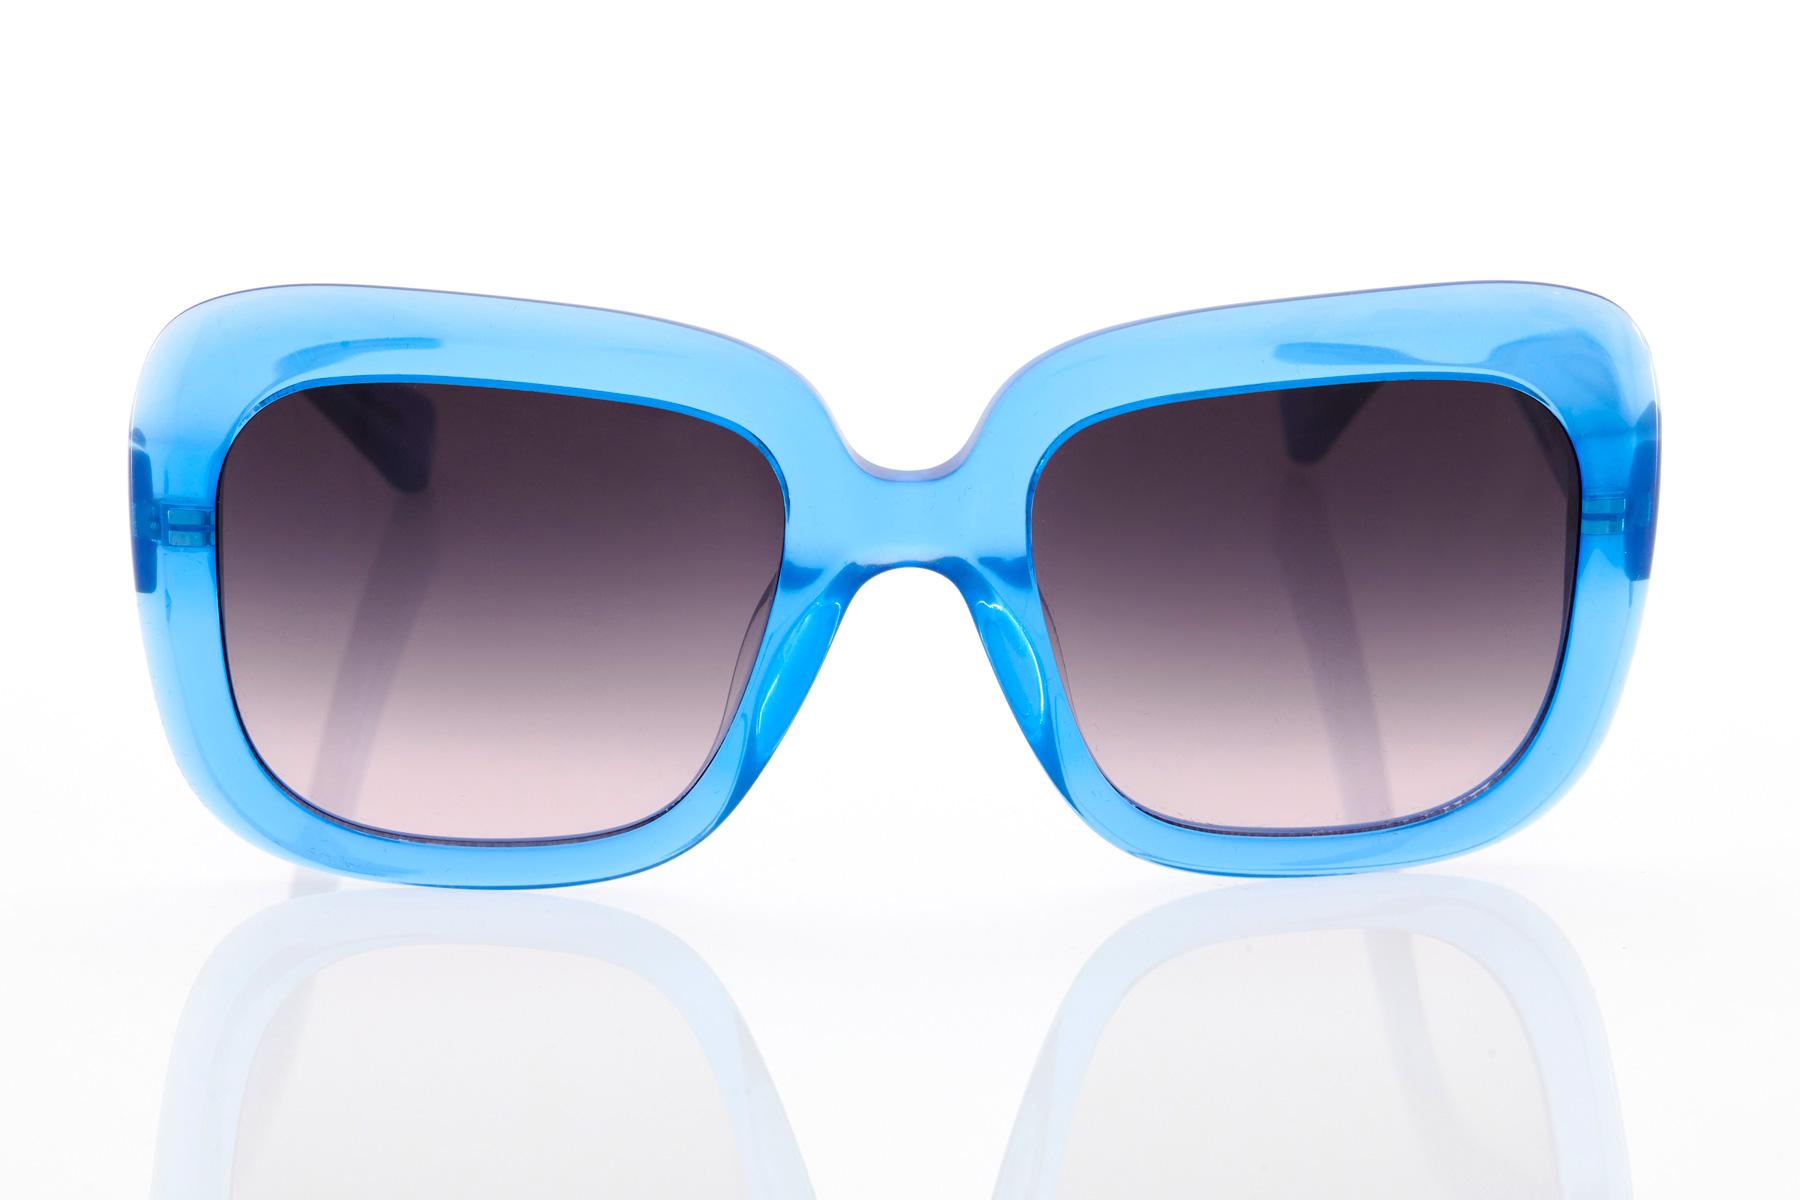 Μπλε Γυναικεία Γυαλιά Ηλίου Hawkers Butterfly Electric Blue